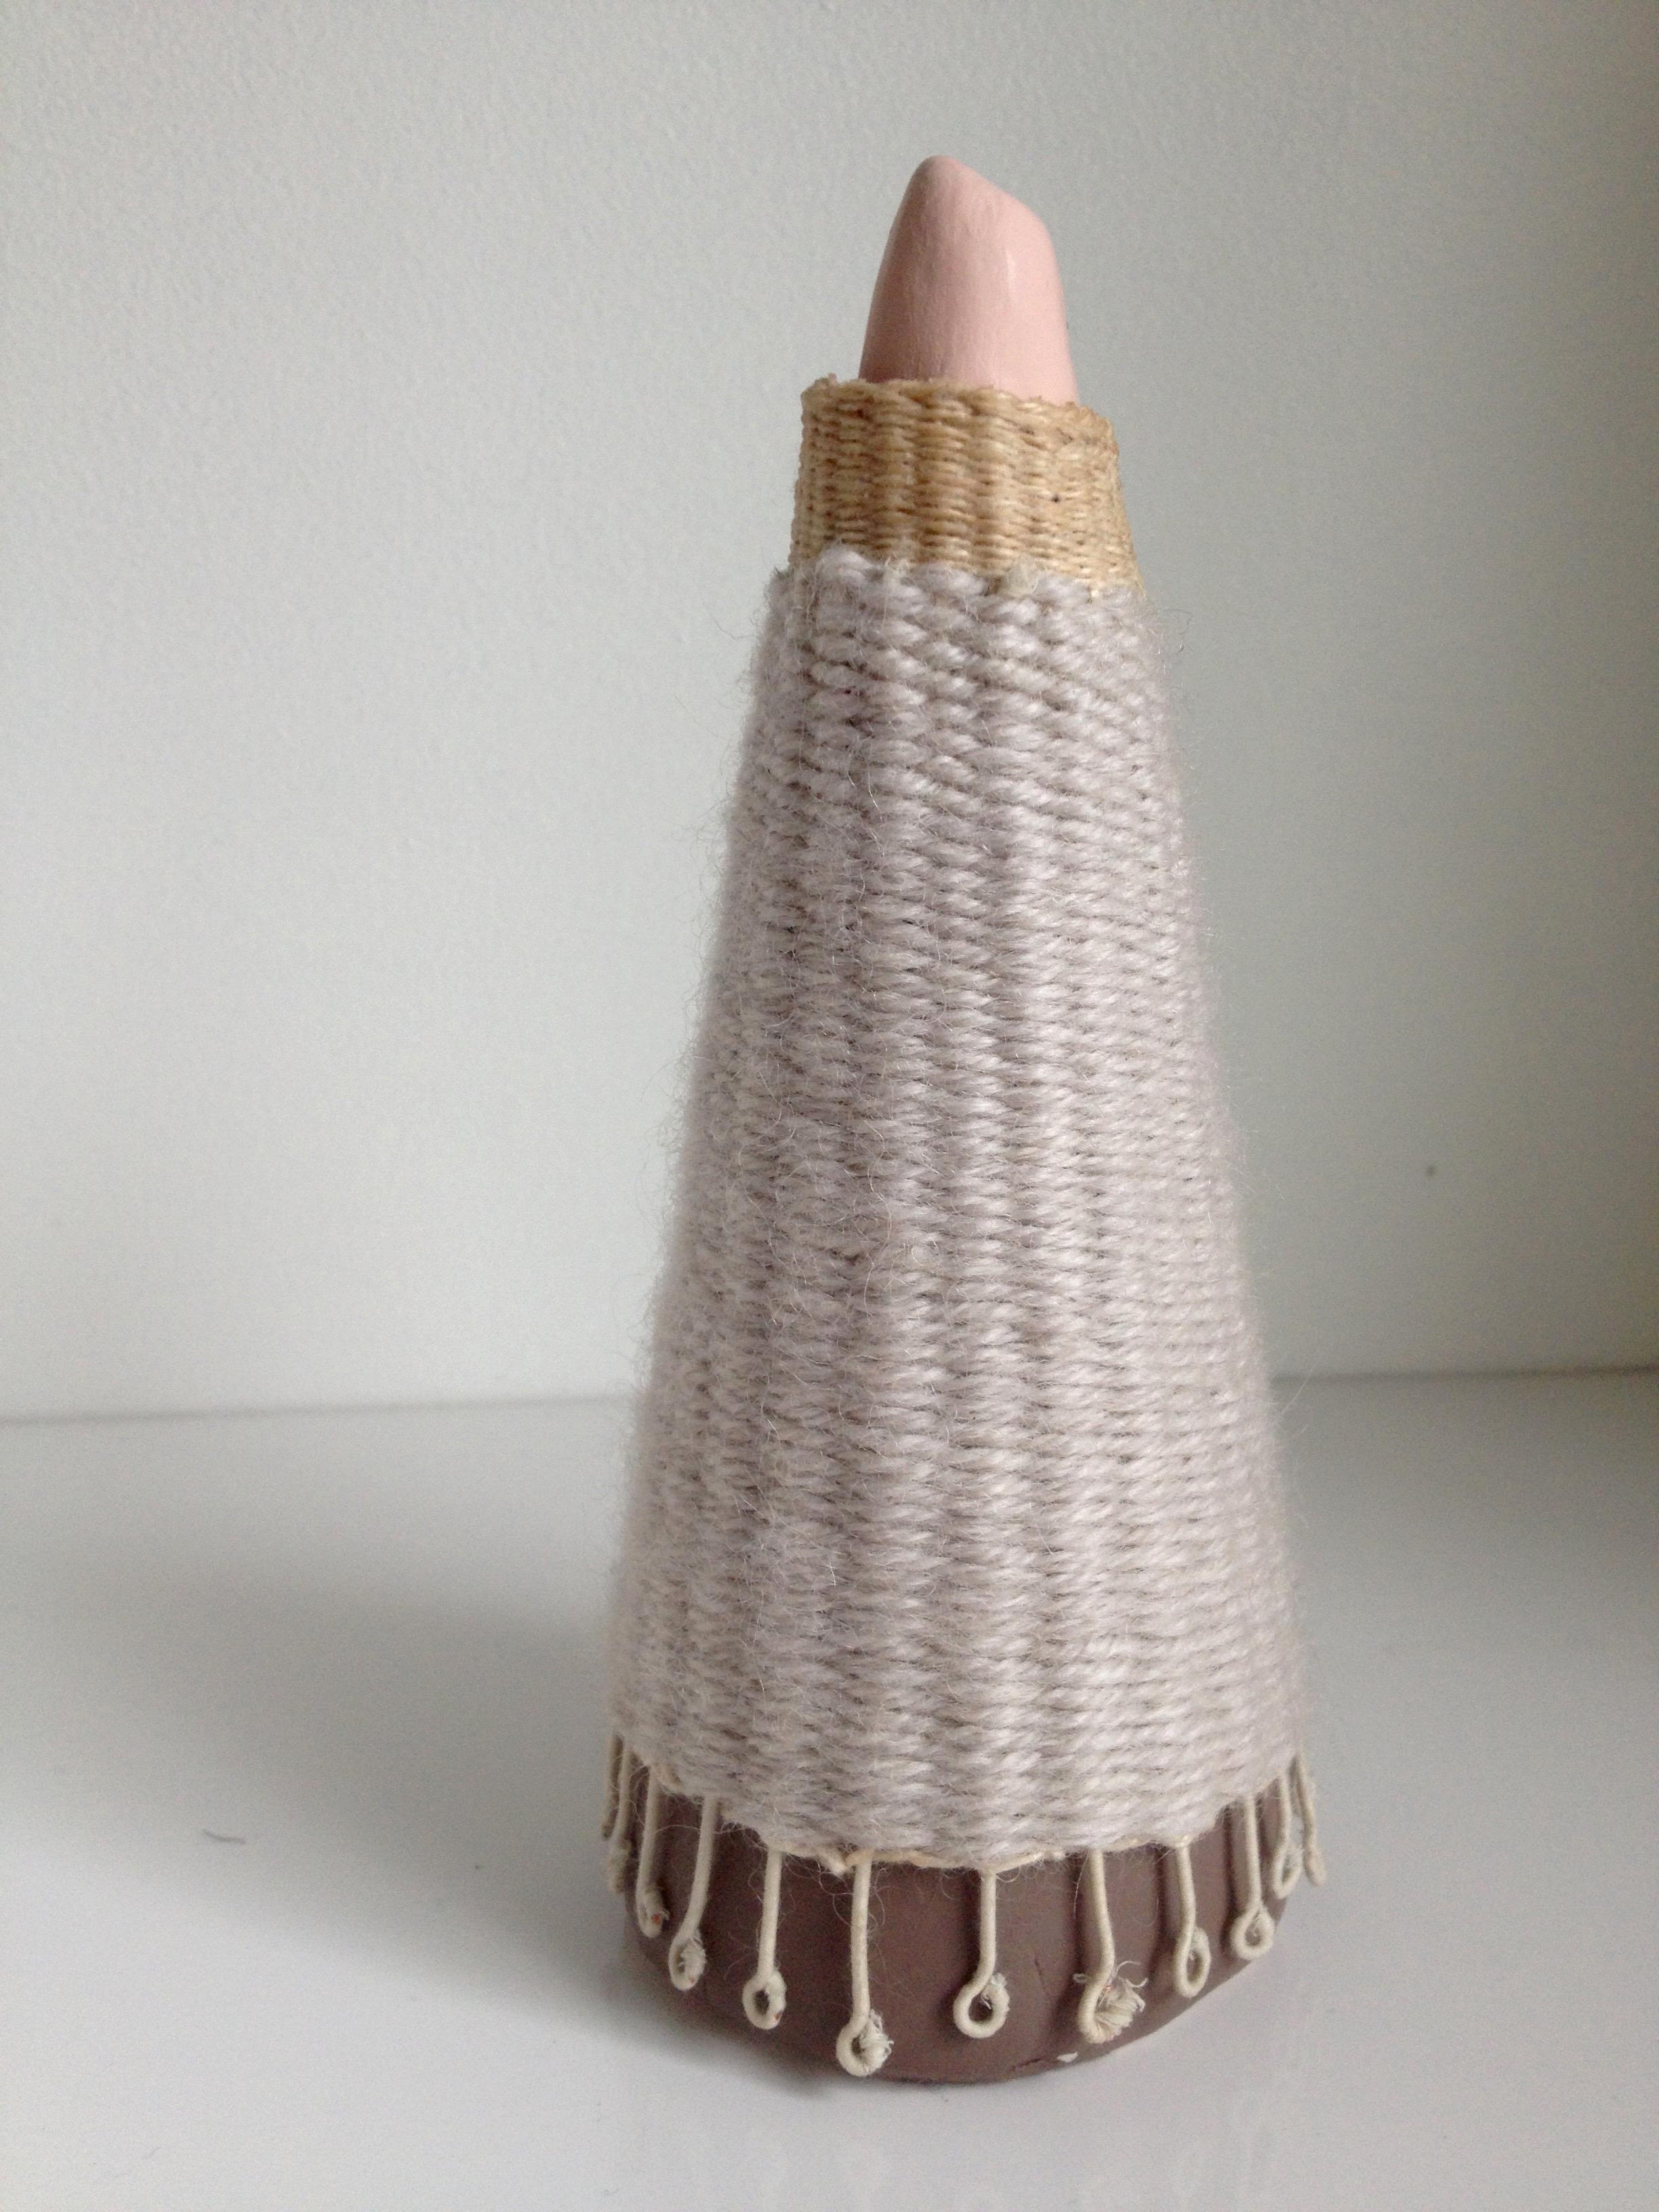 Cone Weaving